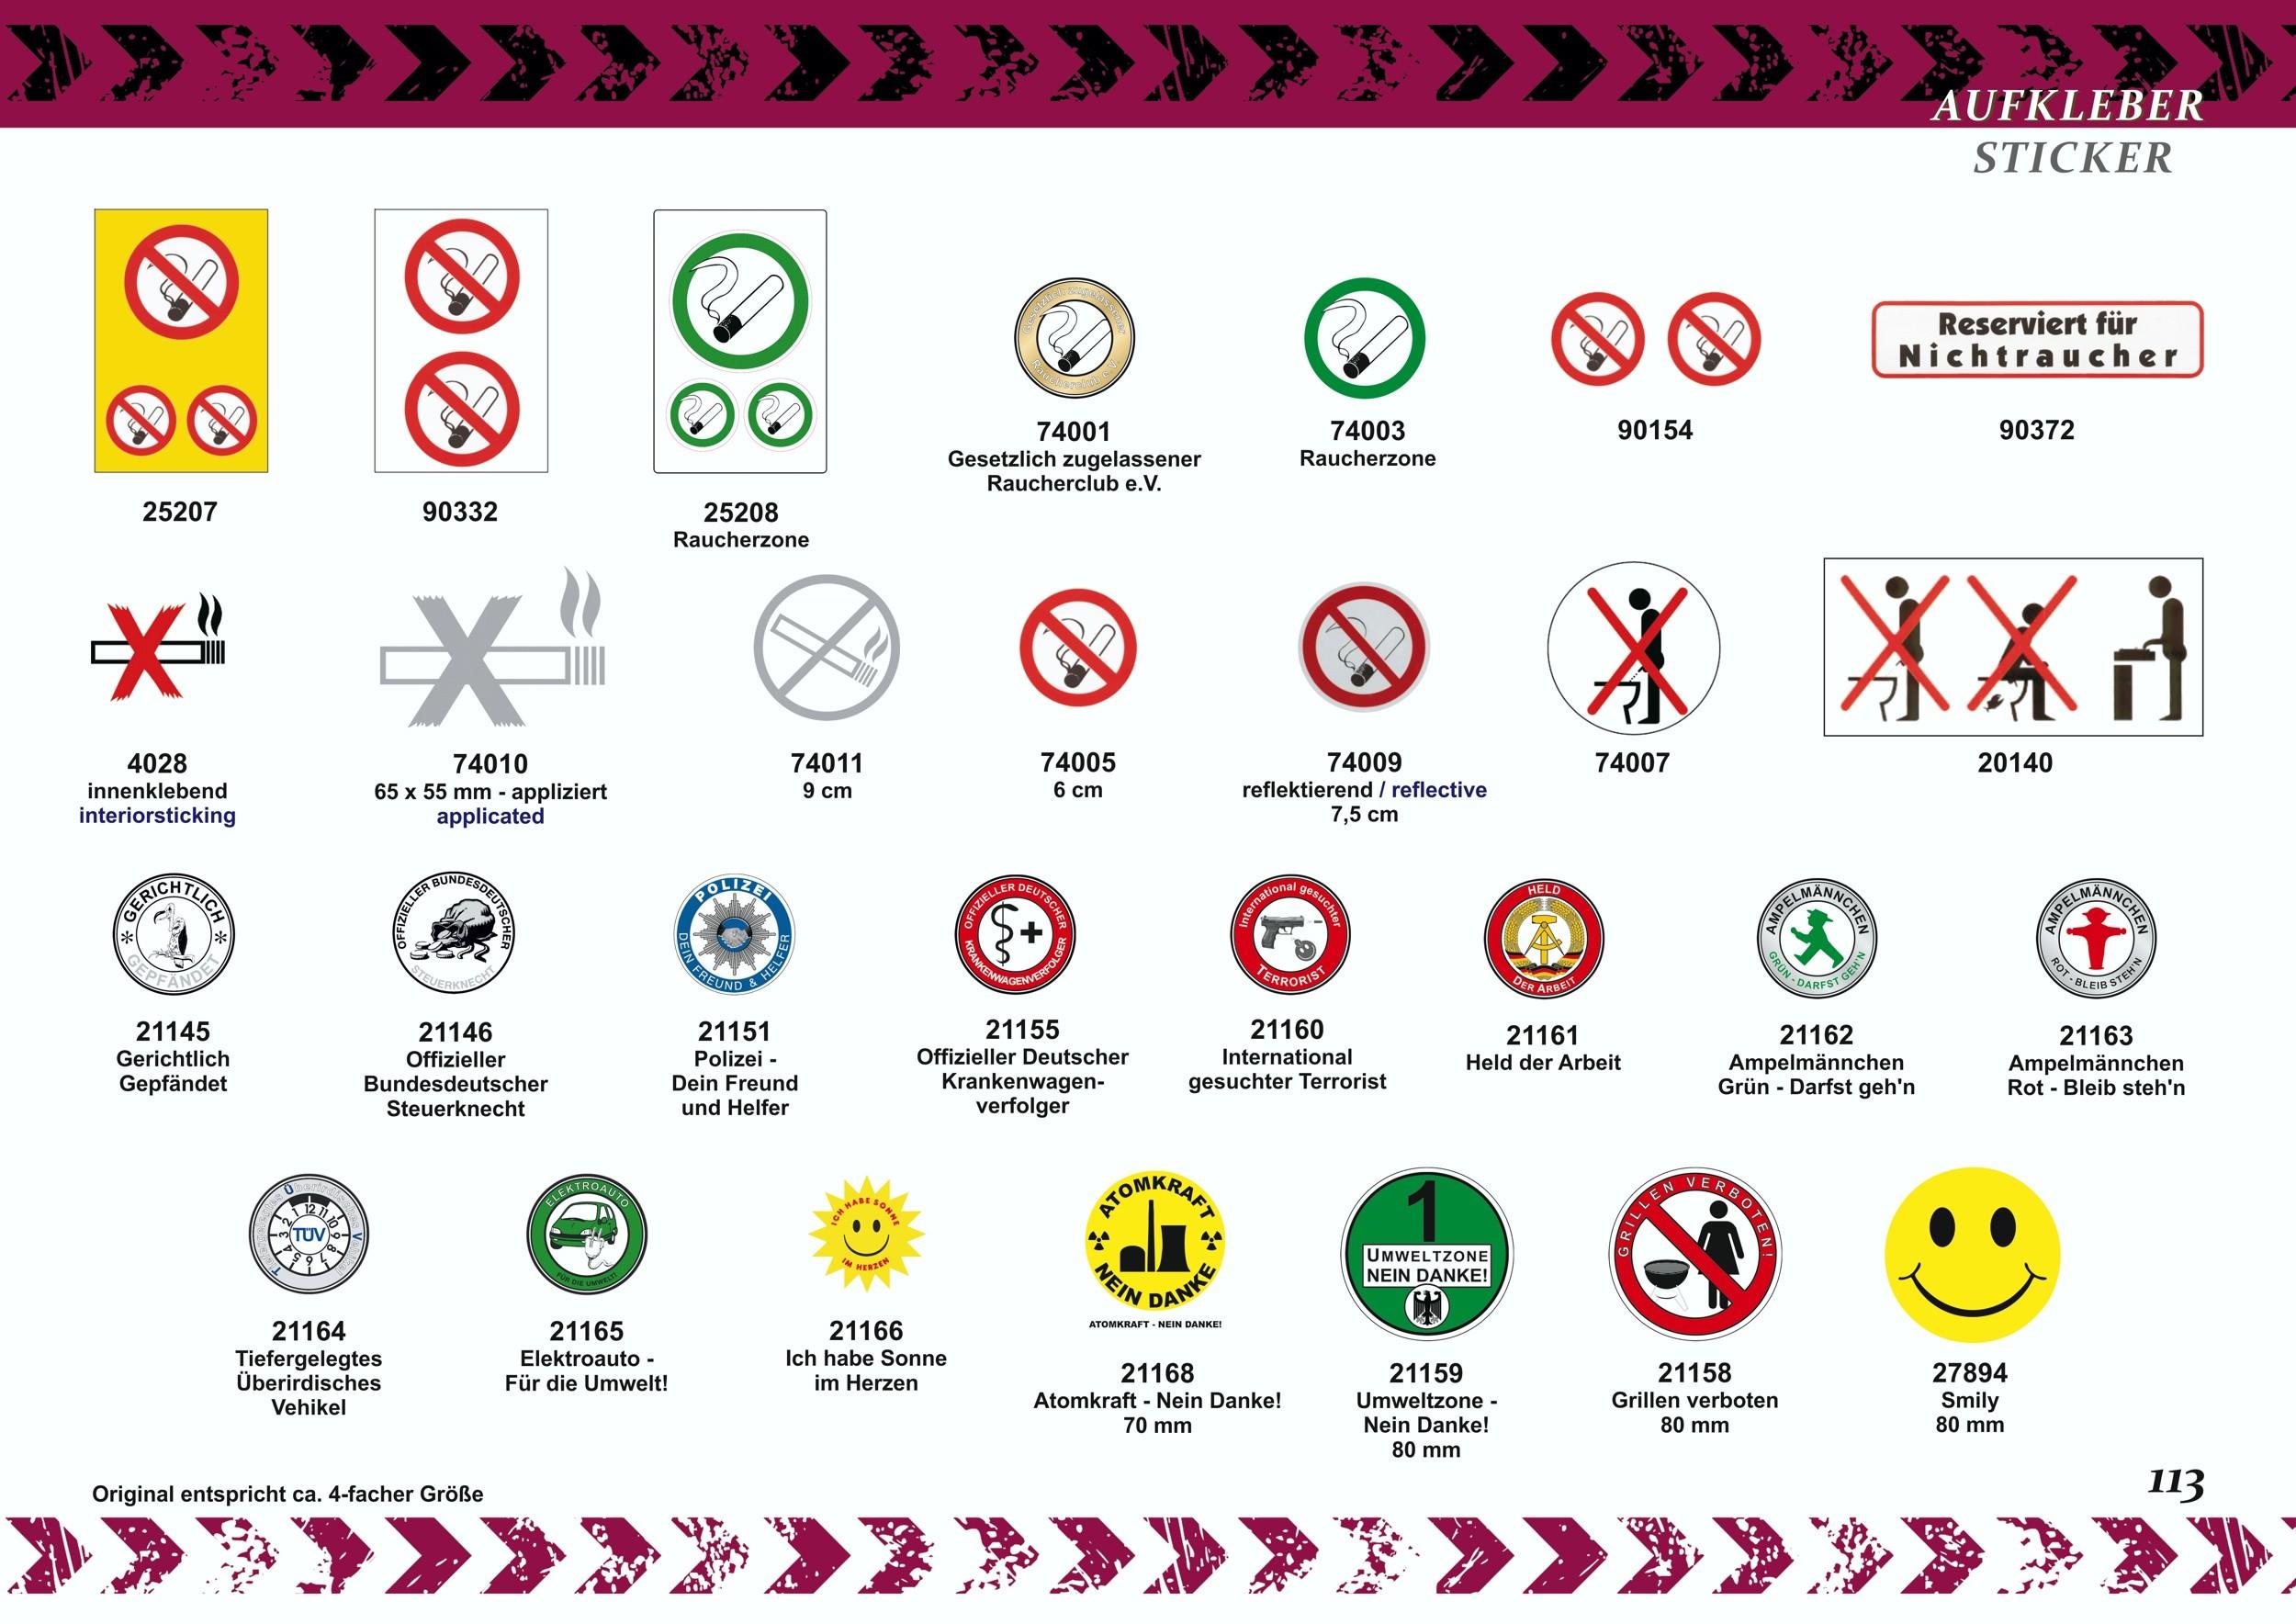 Sticker  Das Bundesgesundheitsministerium warnt: Das Berühren dieses Fahrzeugs kann schlagartig Zahnausfall verursachen! – Bild 6